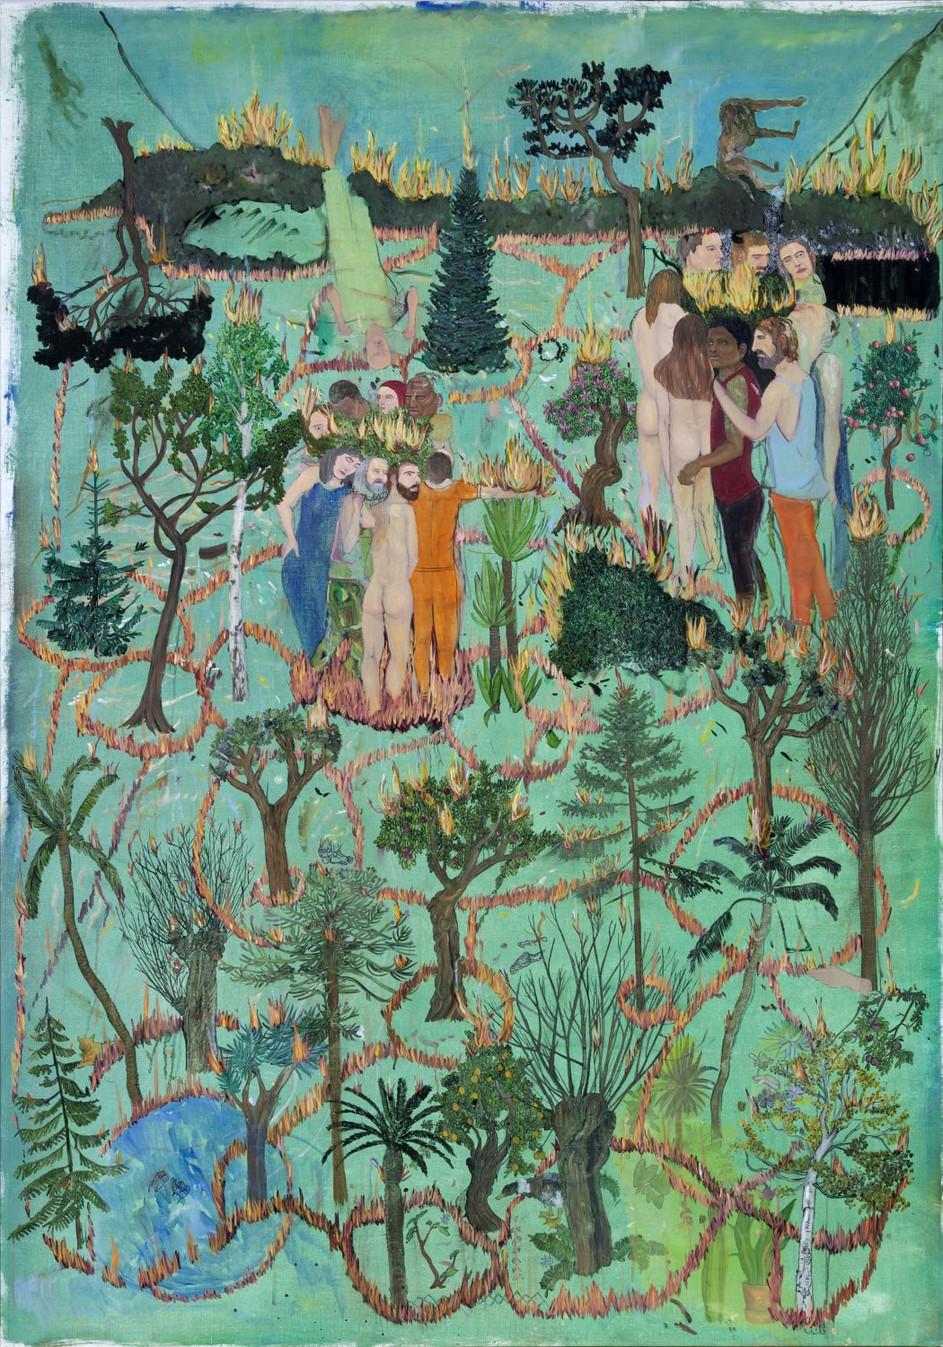 BRAM DEMUNTER Botanical garden, 2018 oil on canvas 180 x 126 cm